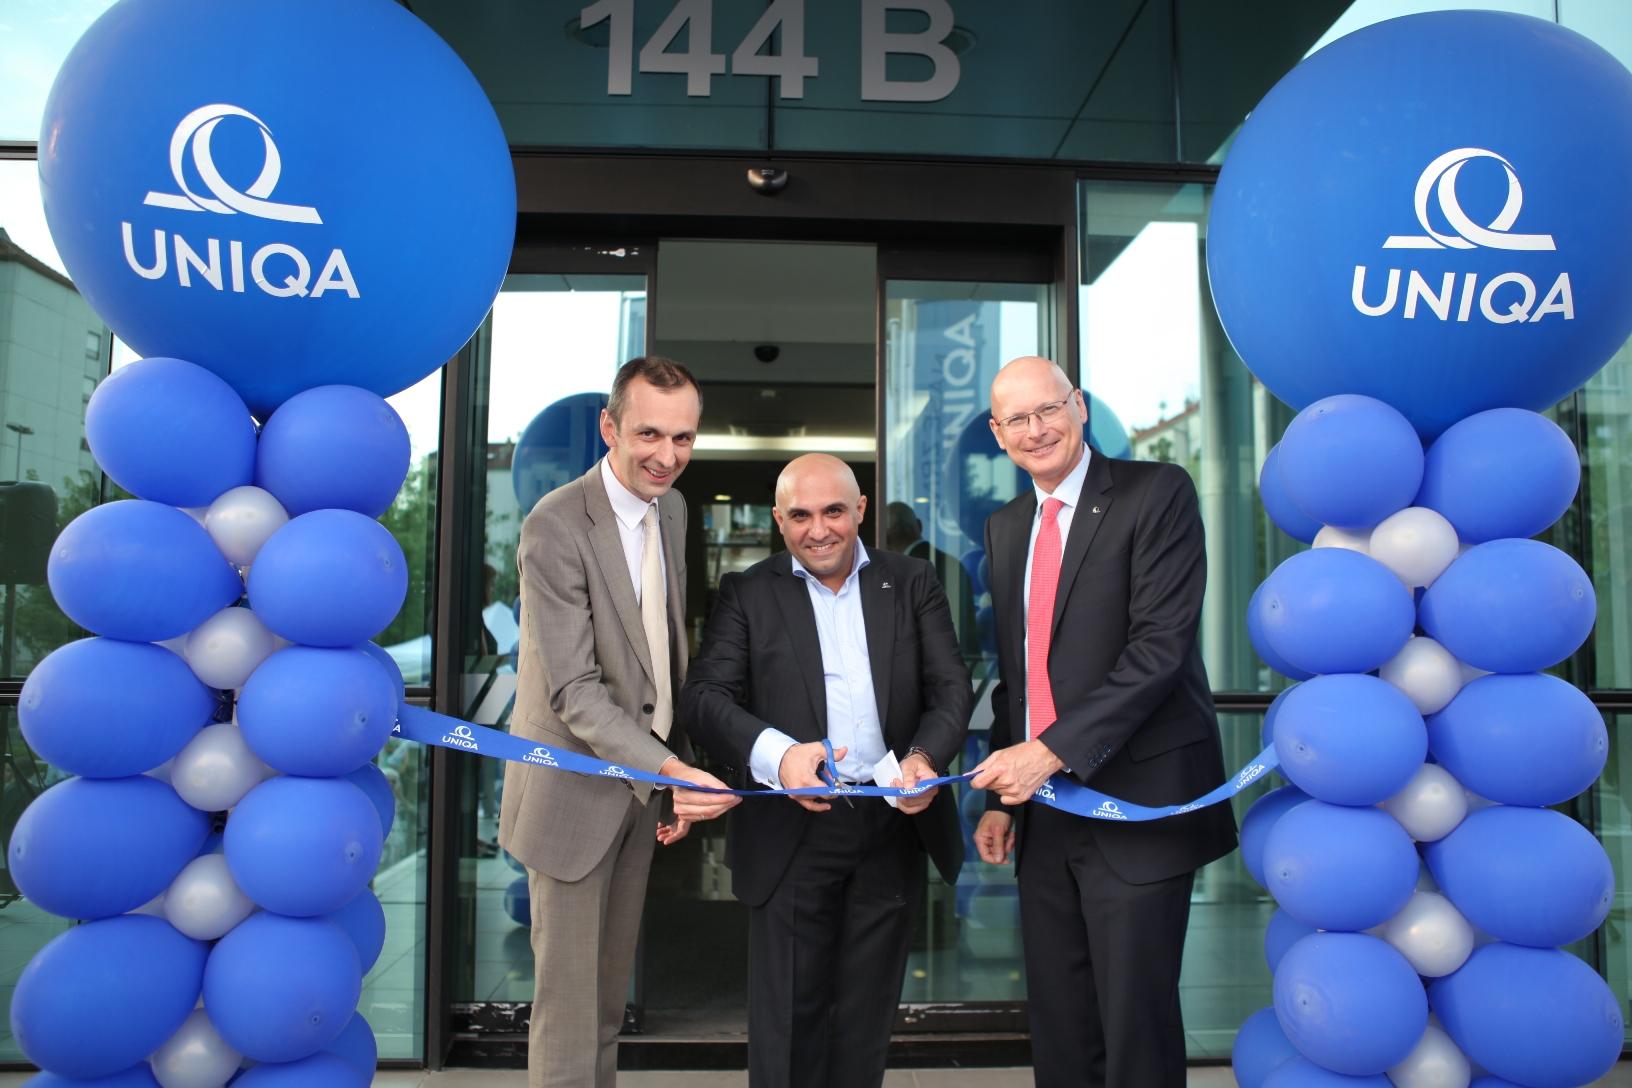 Nikola Djukic, UNIQA osiguranje, Zeljko Buricic, vlasnik agencije Team Buricic i Franc Vajler, UNIQA